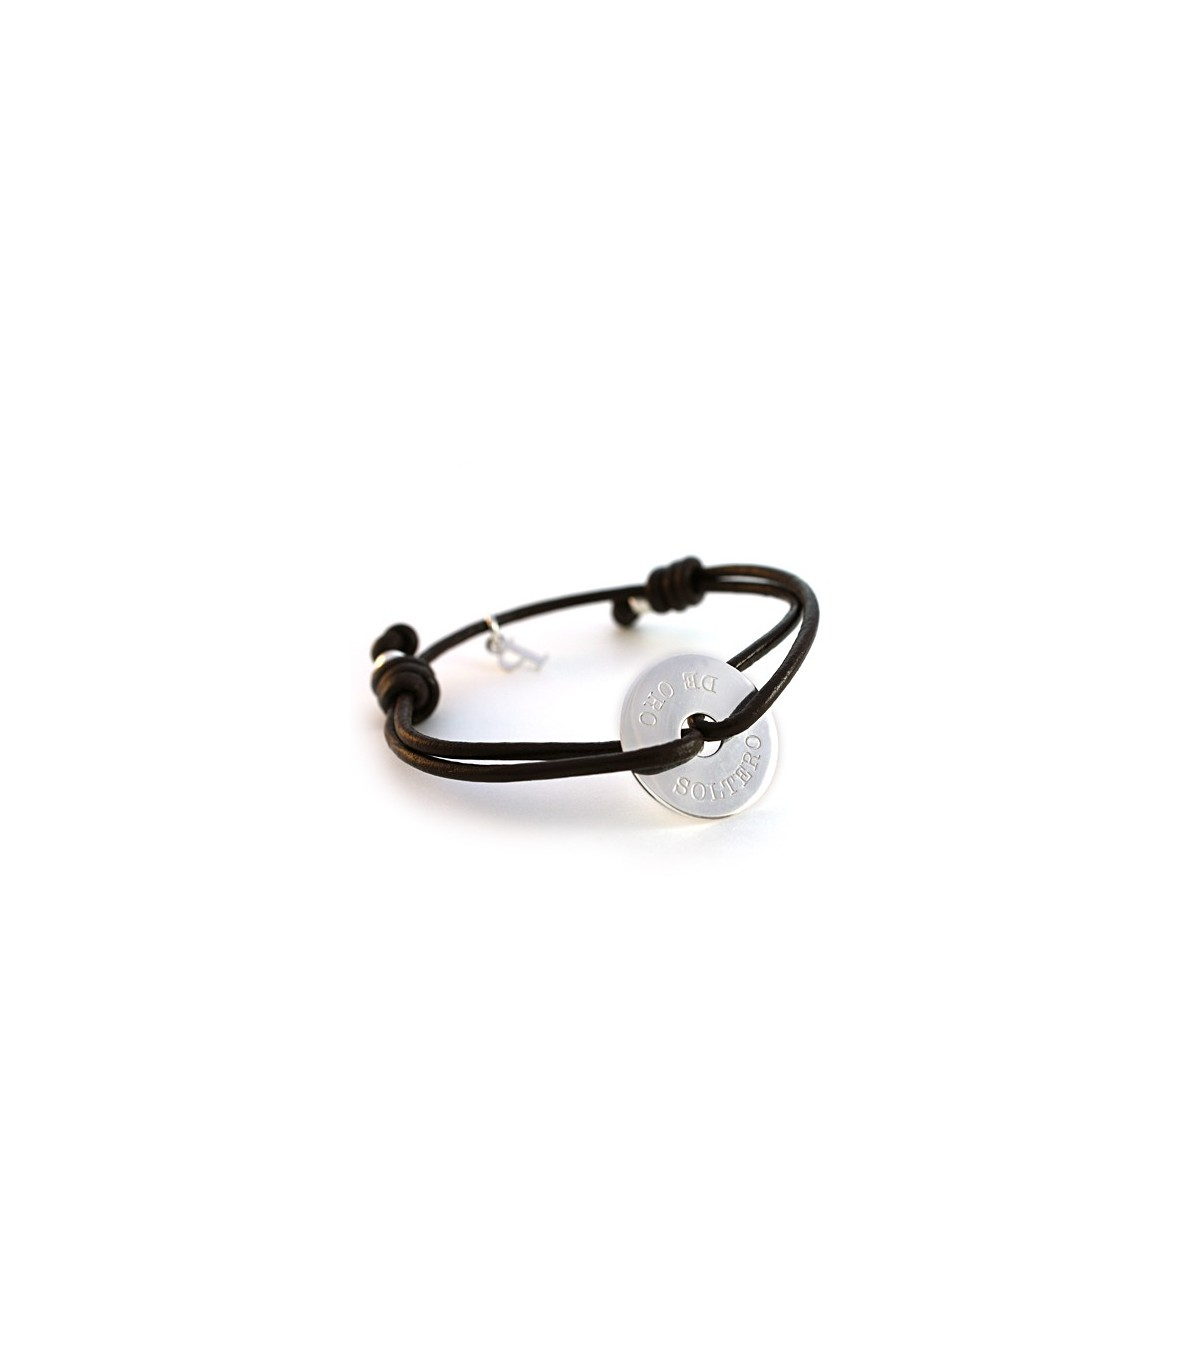 fb615083f14e Pulseras de cuero y plata personalizadas – Donut - Joyas de moda ...